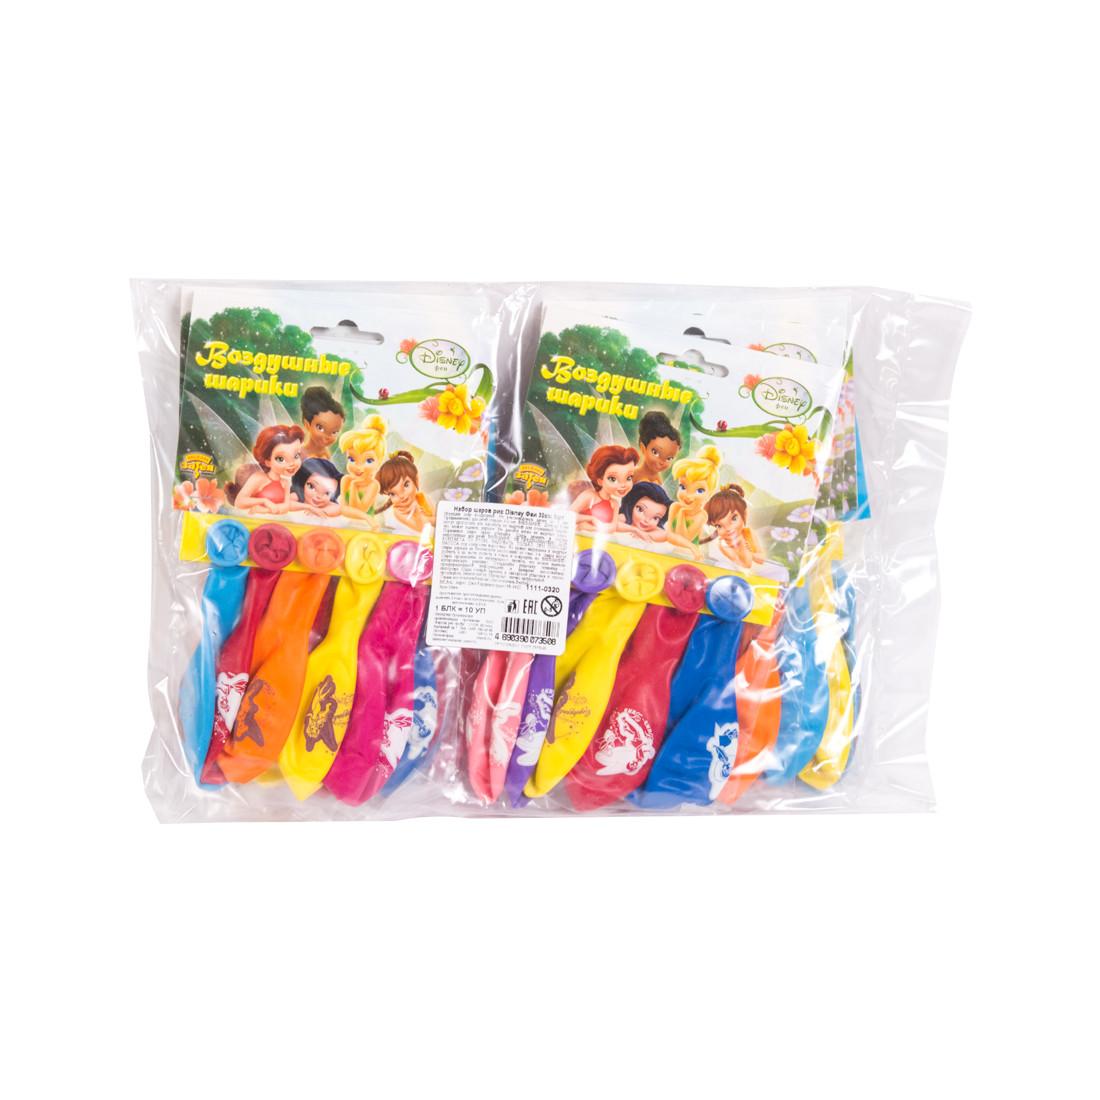 Воздушные шарики феи Disney (5 шт. в пакете), размер 30 см, латекс - фото 3